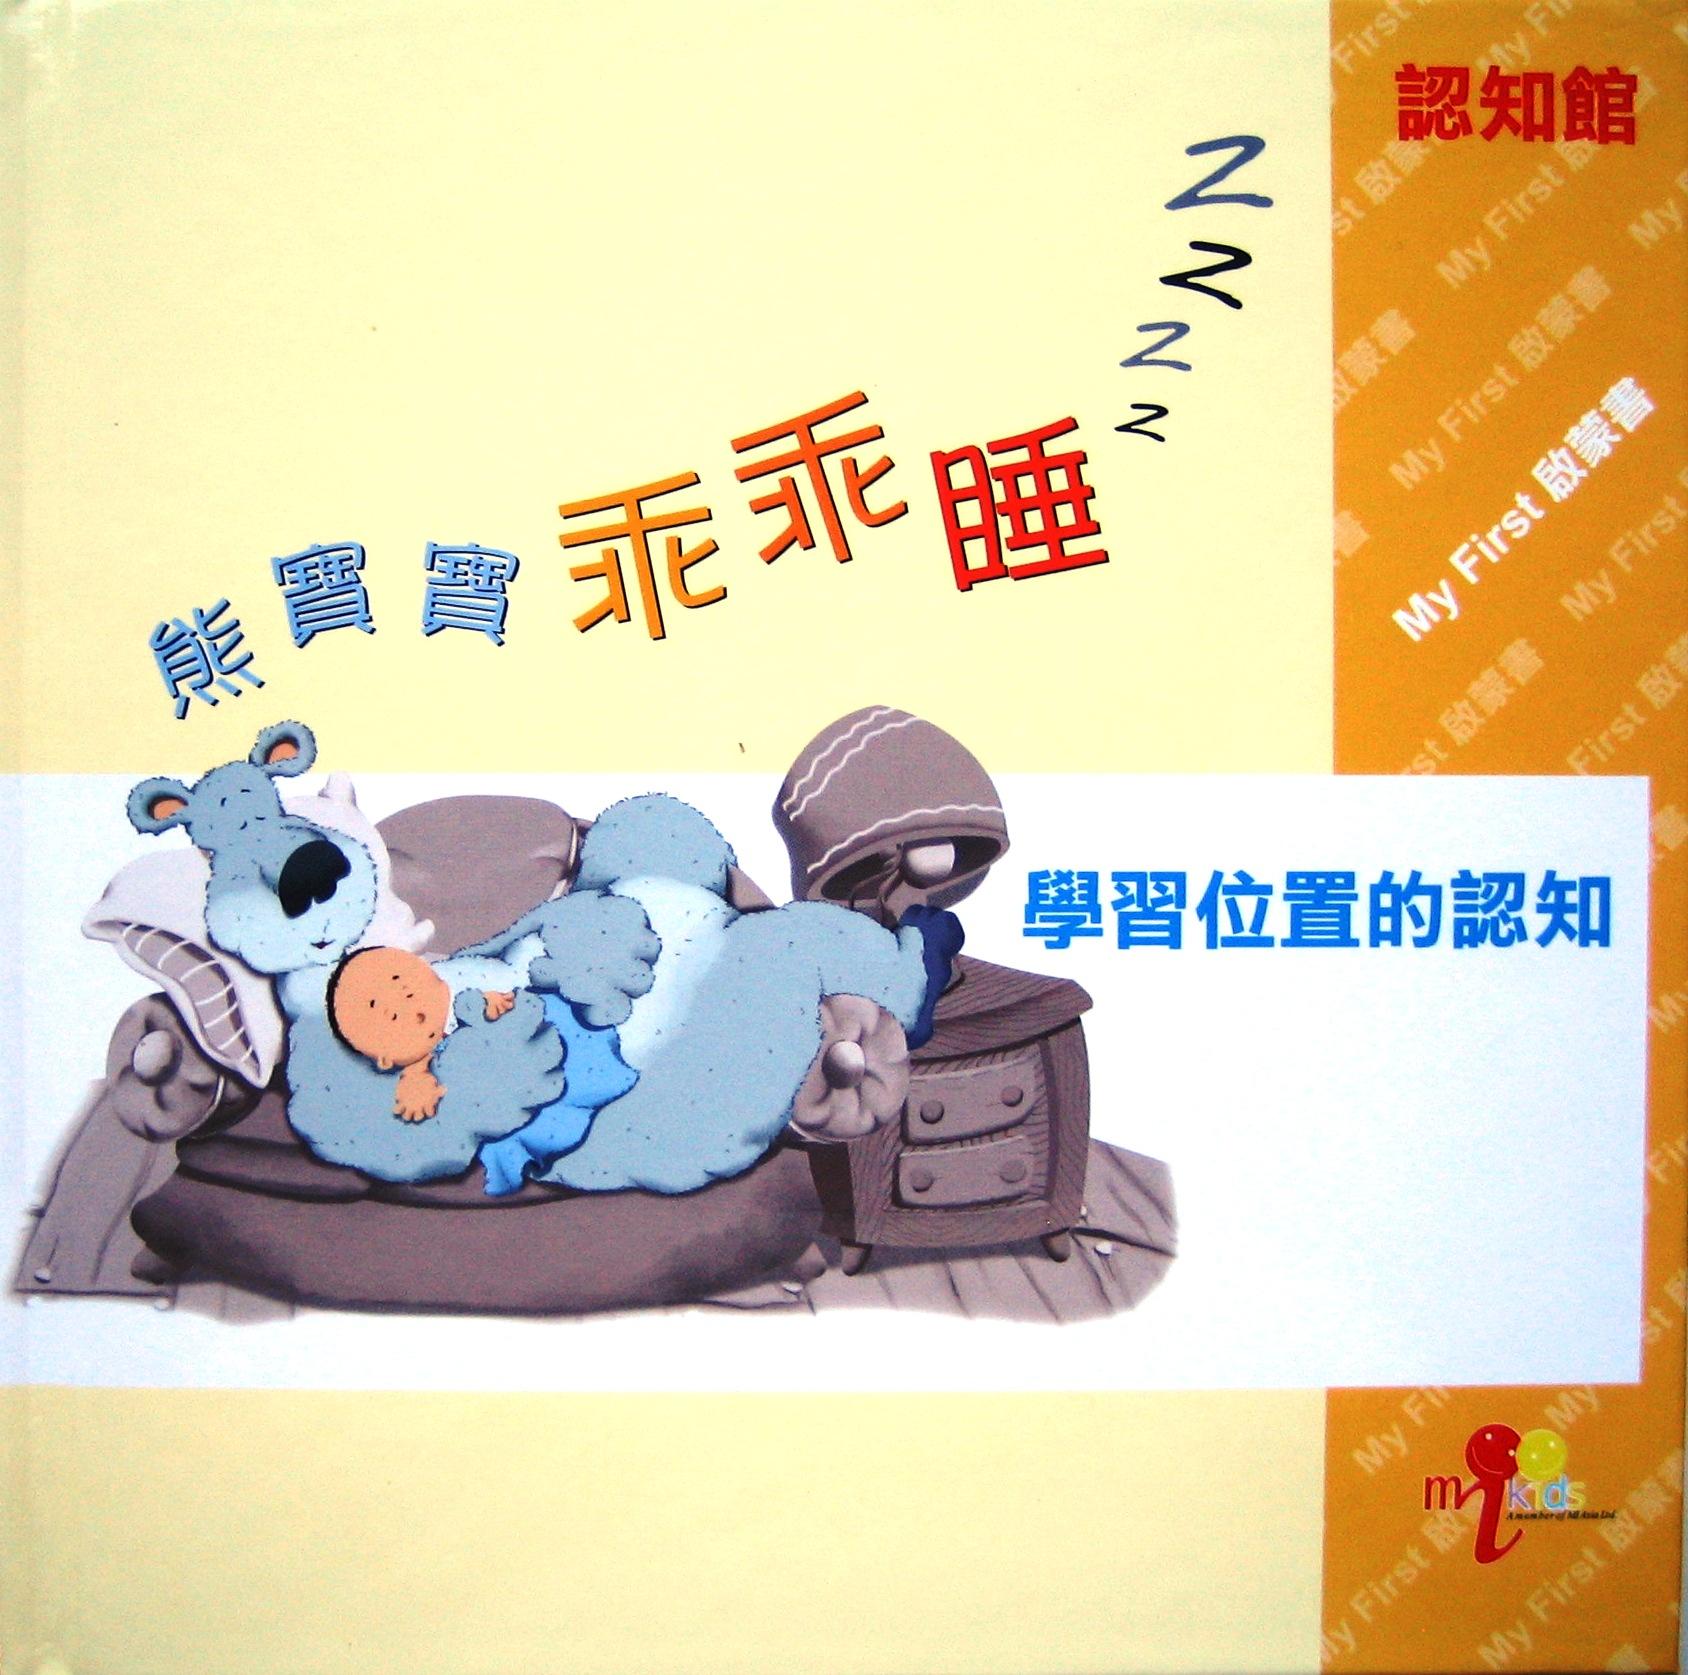 熊寶寶乖乘睡-學習位置的認知